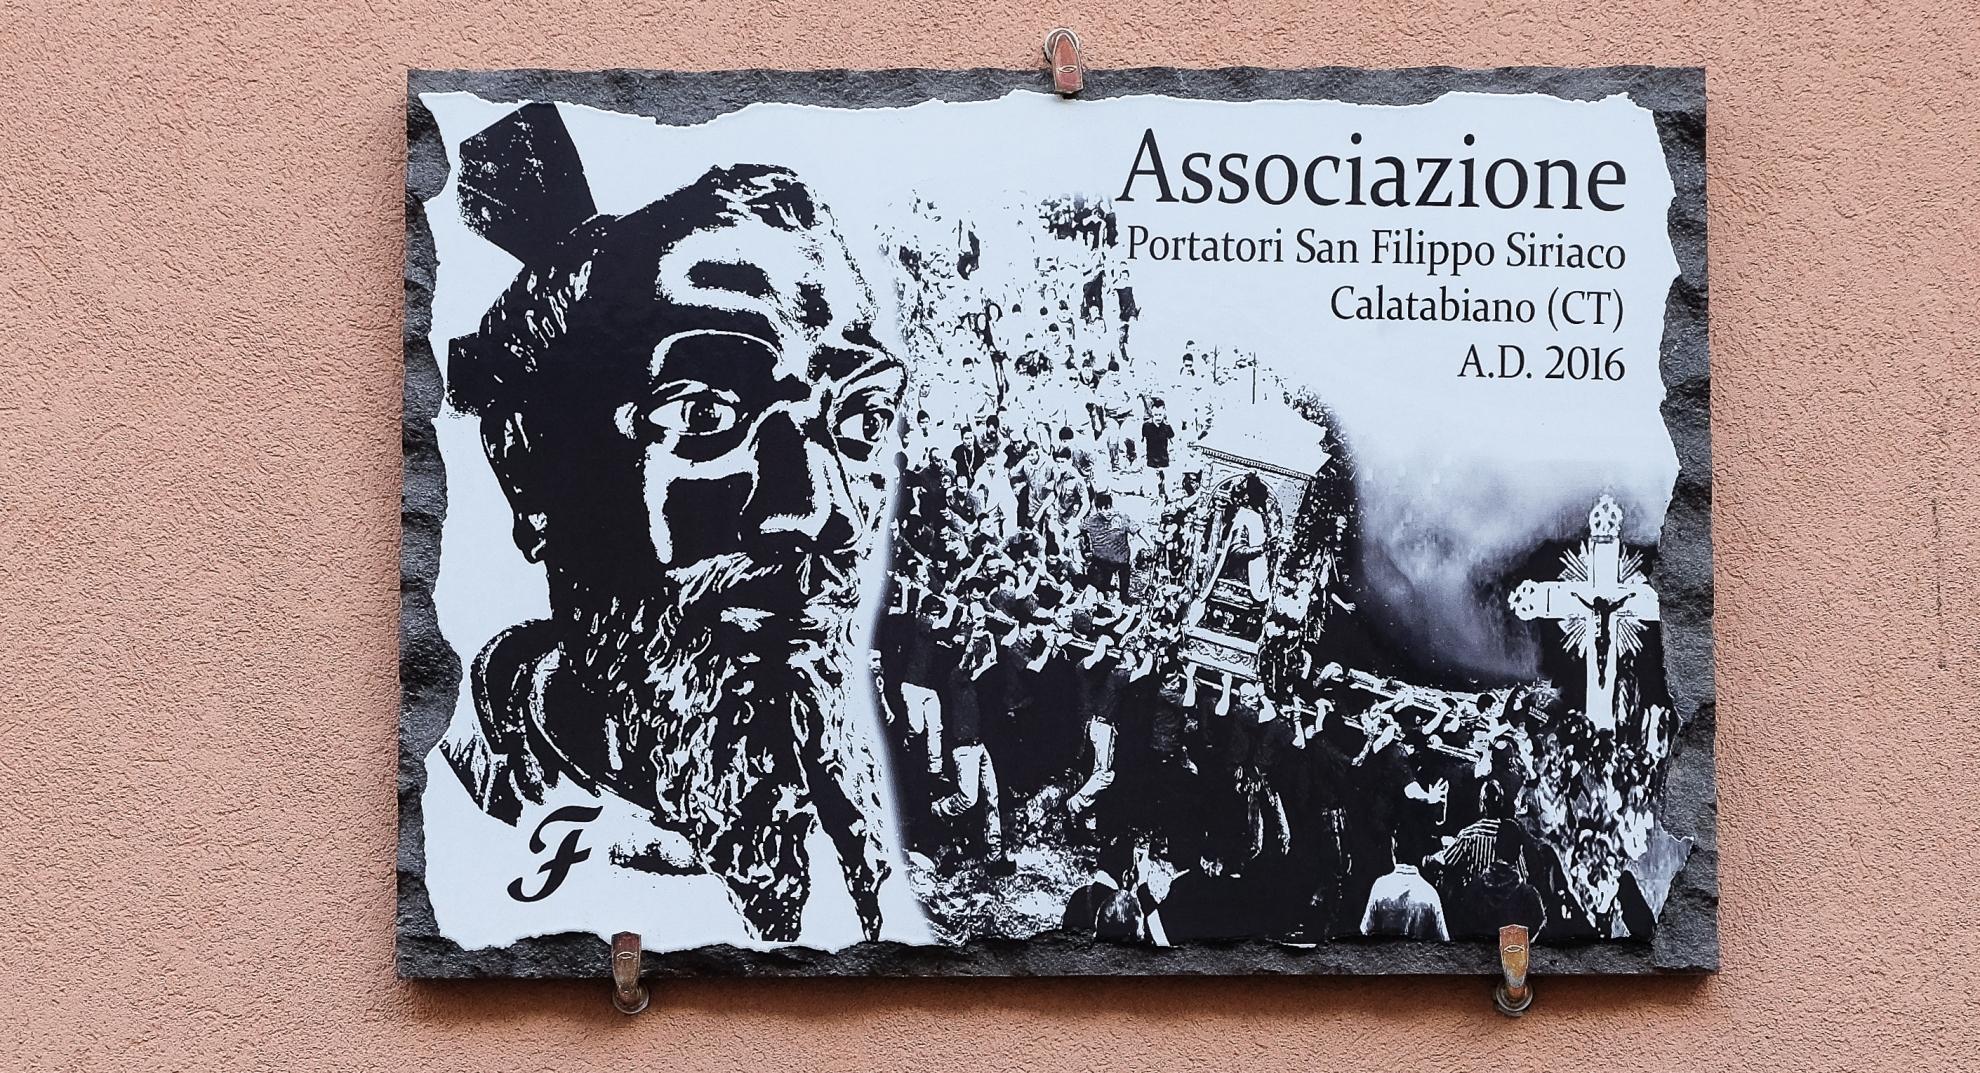 Associazione portatori San Filippo Siriaco - , Calatabiano